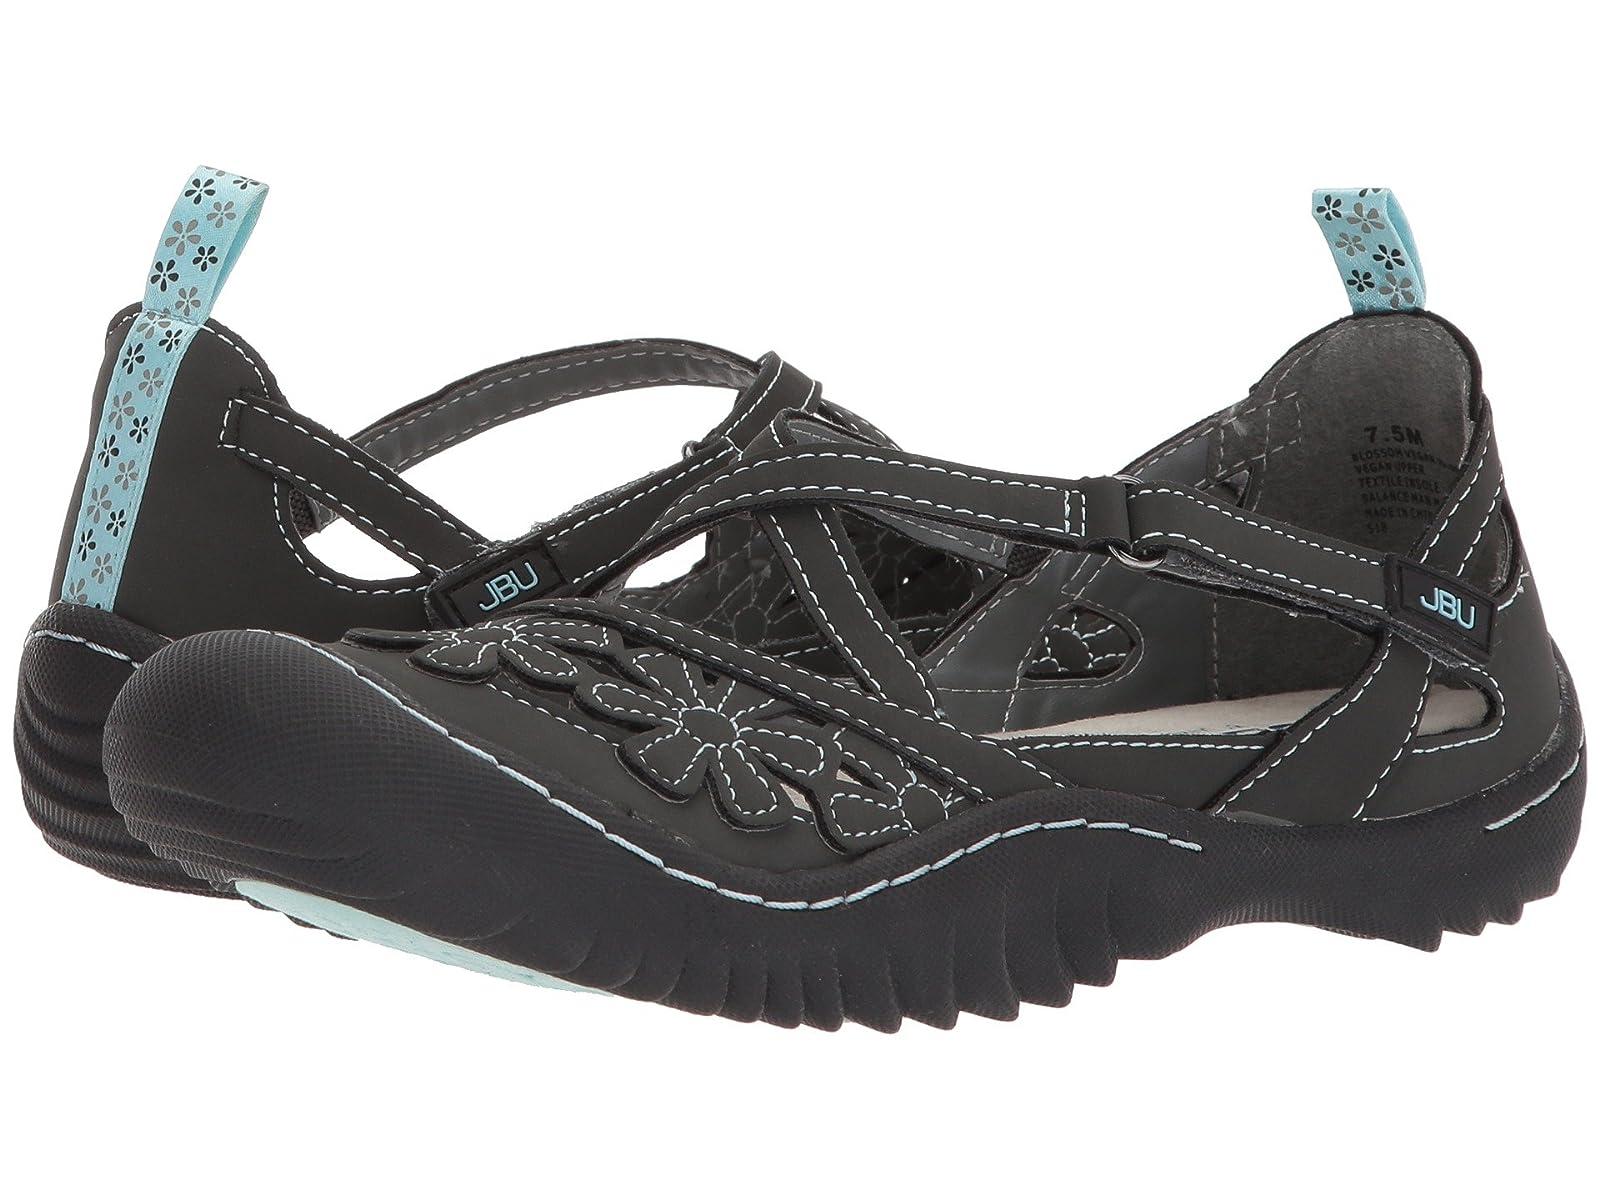 JBU Blossom VeganAtmospheric grades have affordable shoes